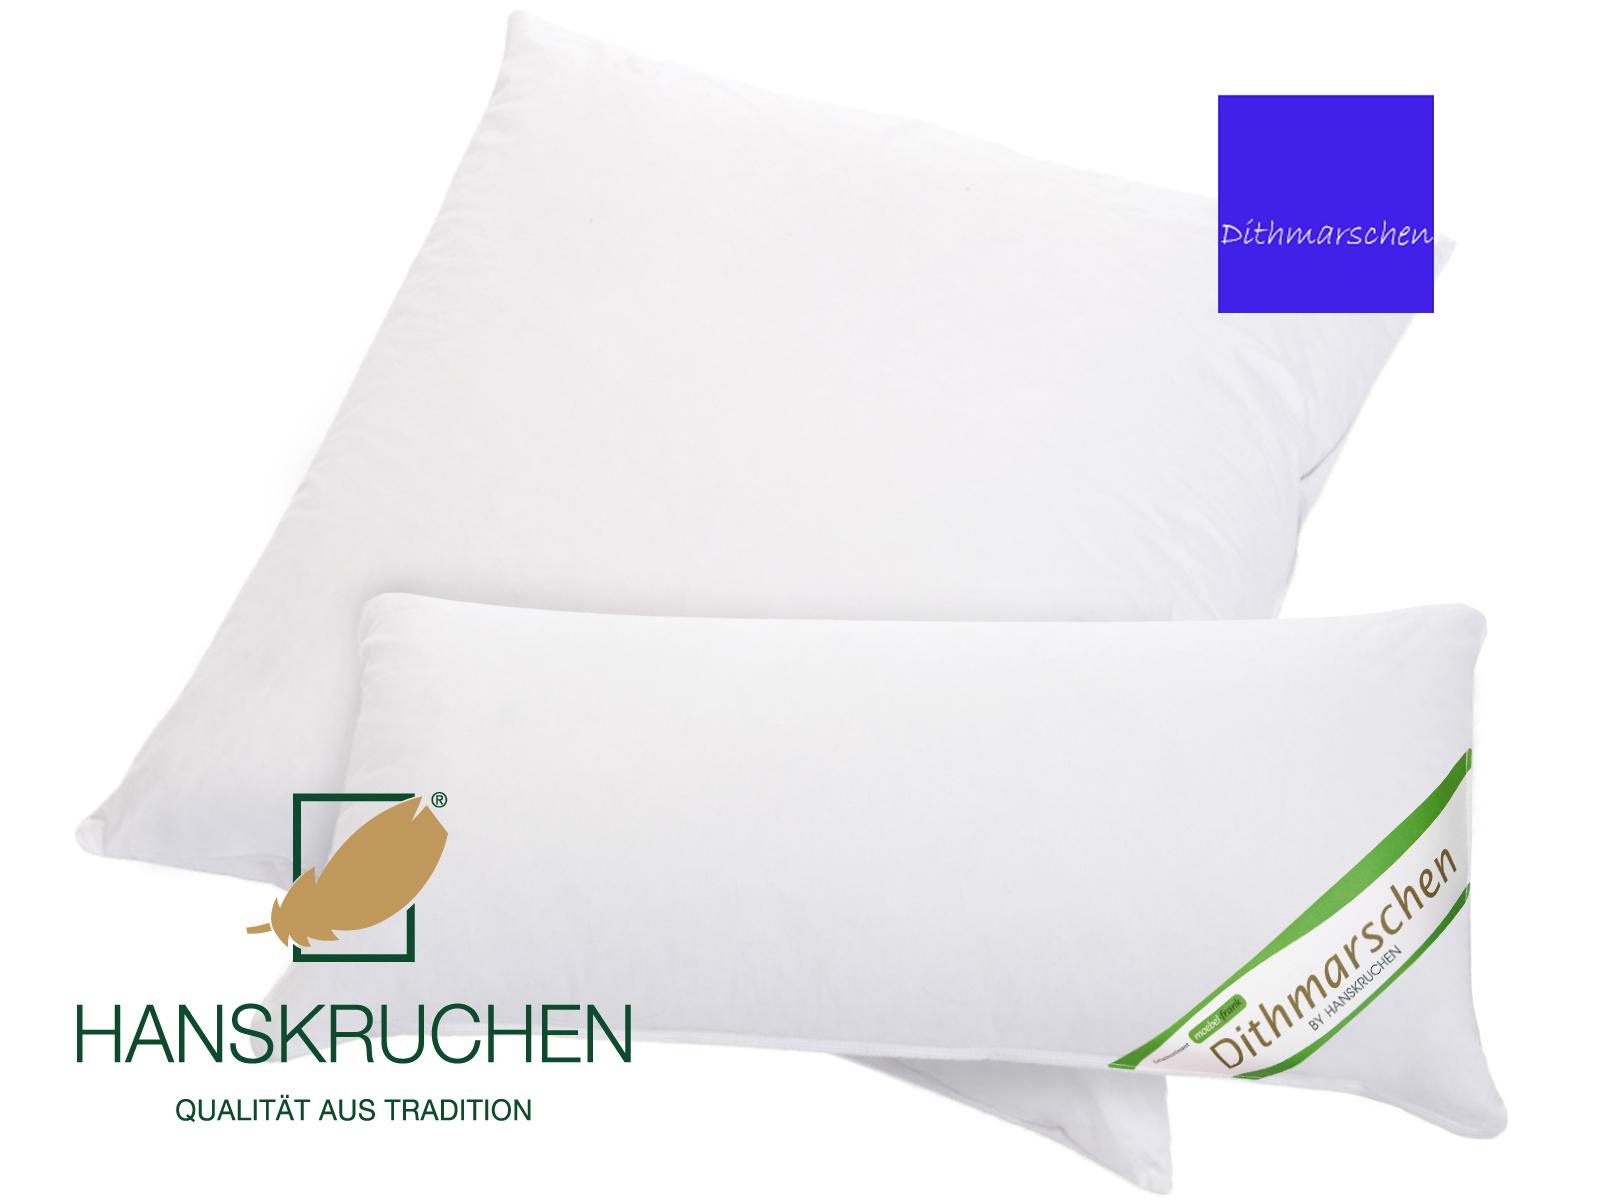 3-Kammer Kopfkissen neue weiße Gänsedaune und -federn Baumwolle Dithmarschen 80x80cm und 40x80cm – Bild 1